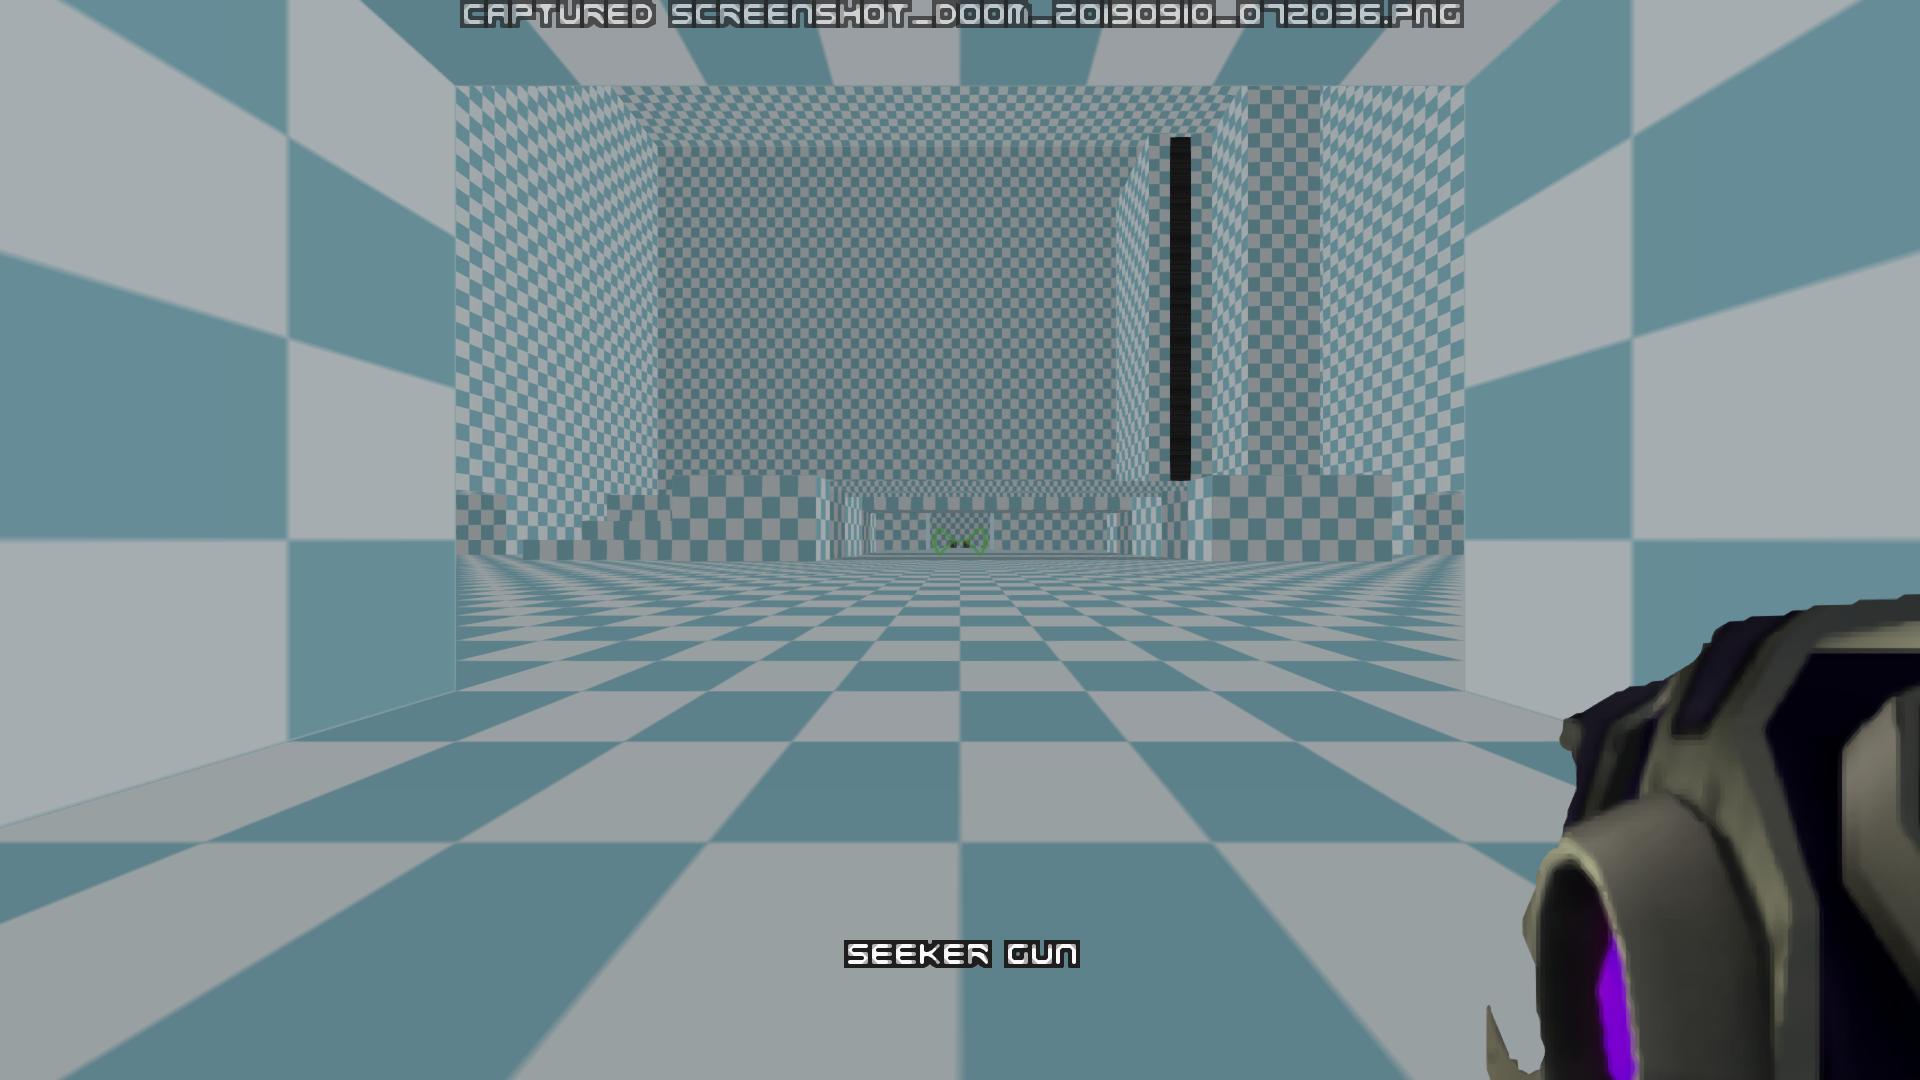 Screenshot Doom 20190910 072039